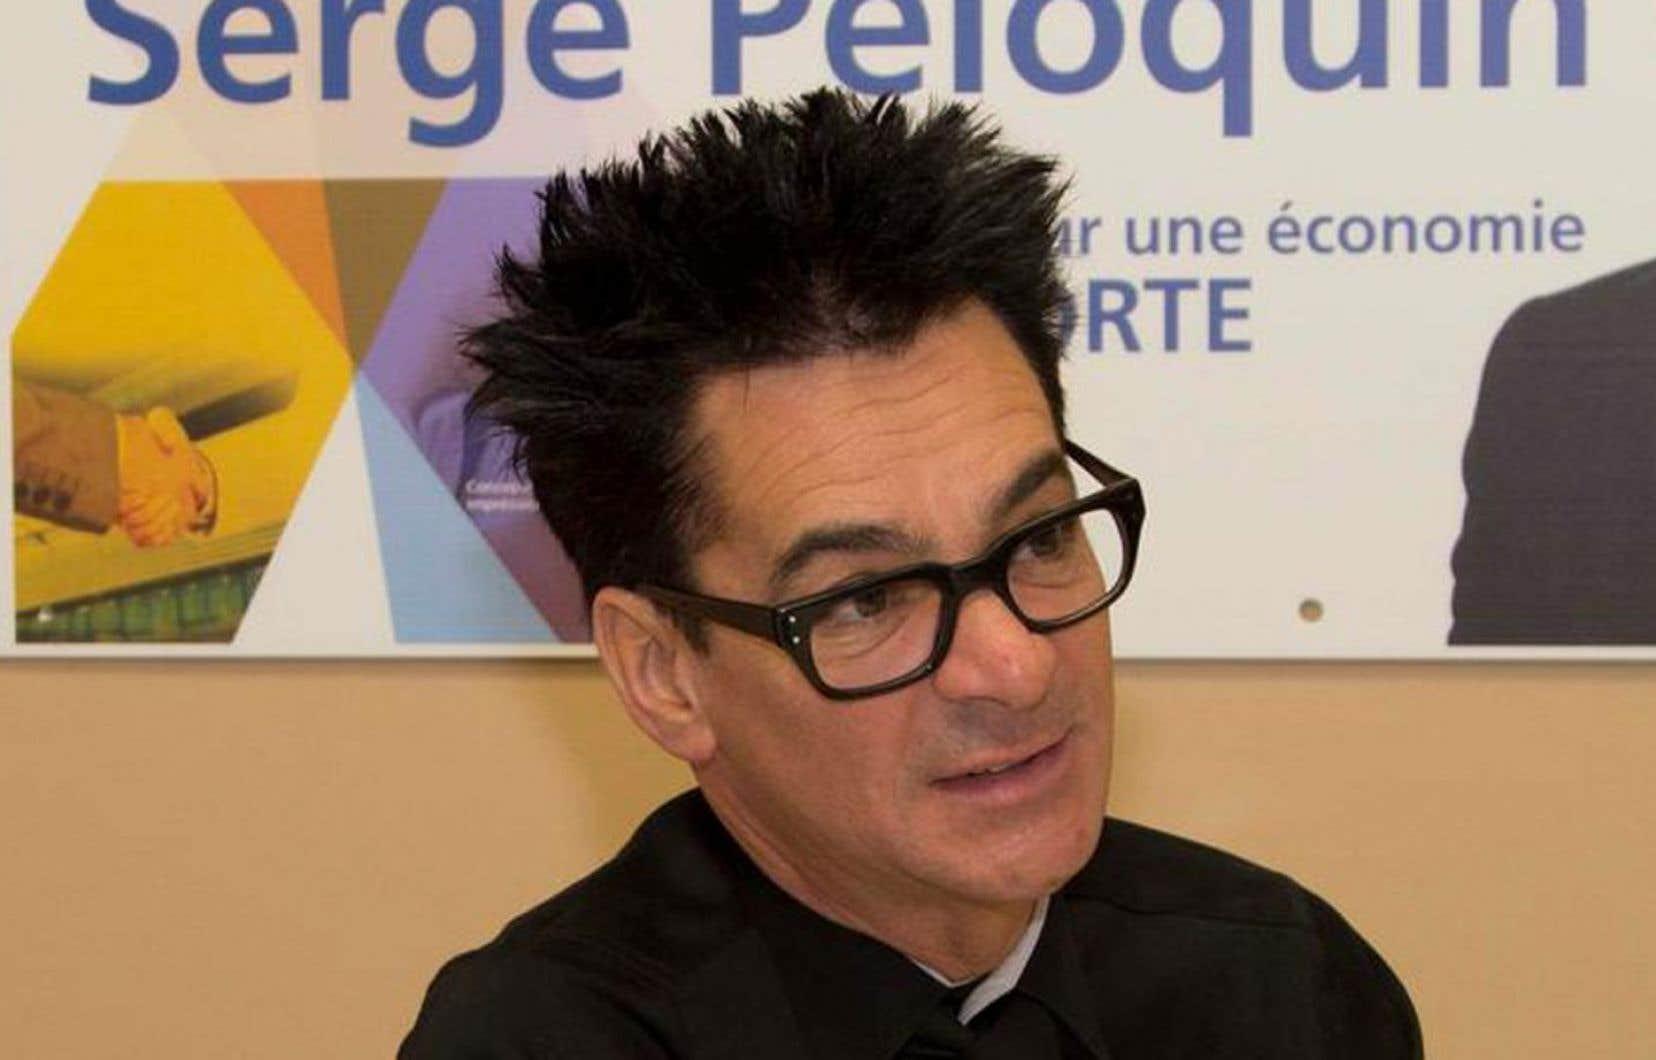 Le maire Serge Péloquin